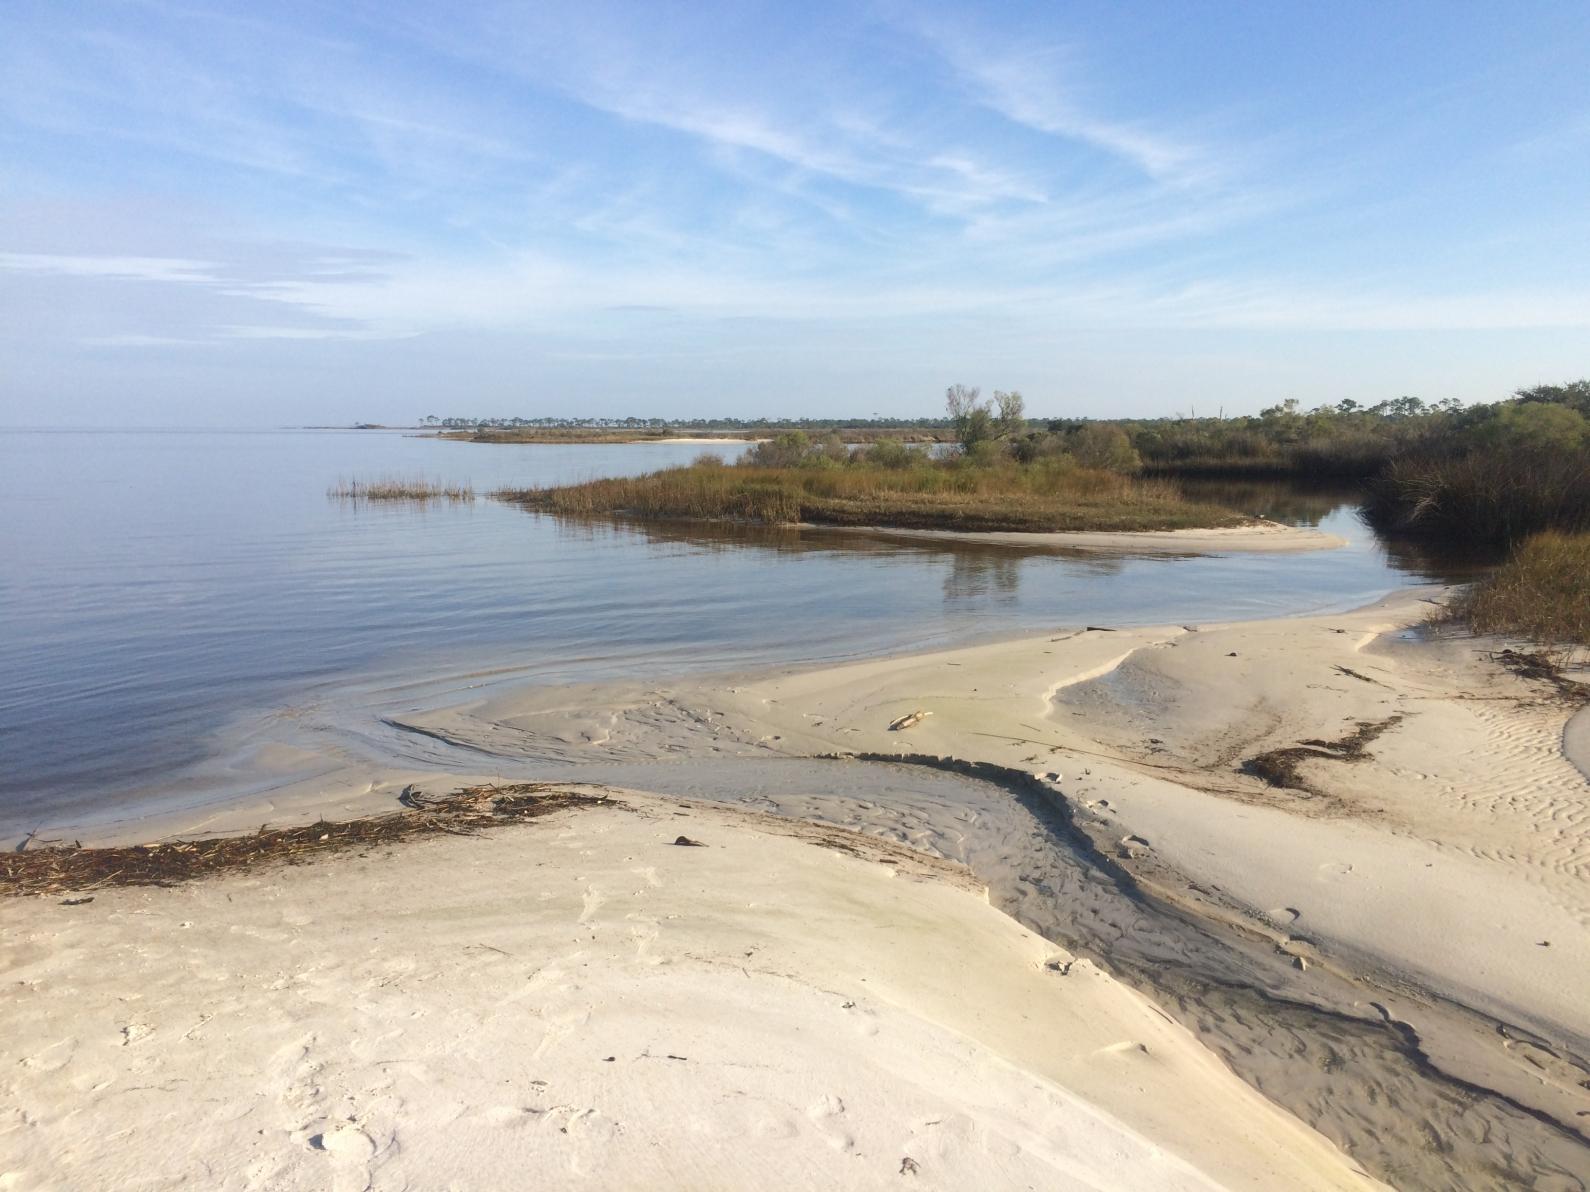 Bon Secour Bay, Alabama